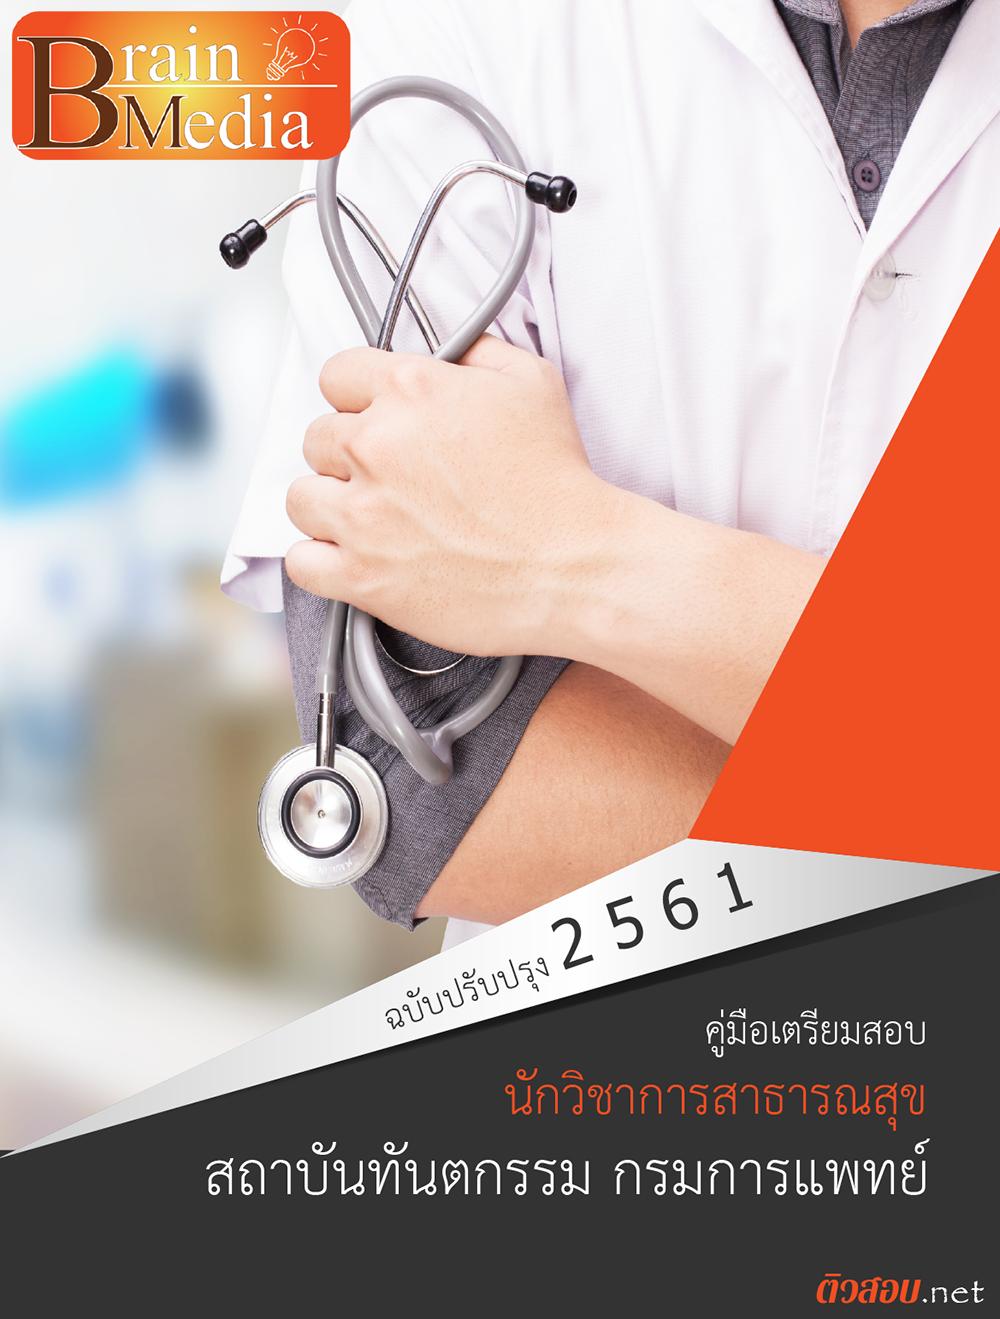 เฉลยแนวข้อสอบ นักวิชาการสาธารณสุข สถาบันทันตกรรม กรมการแพทย์